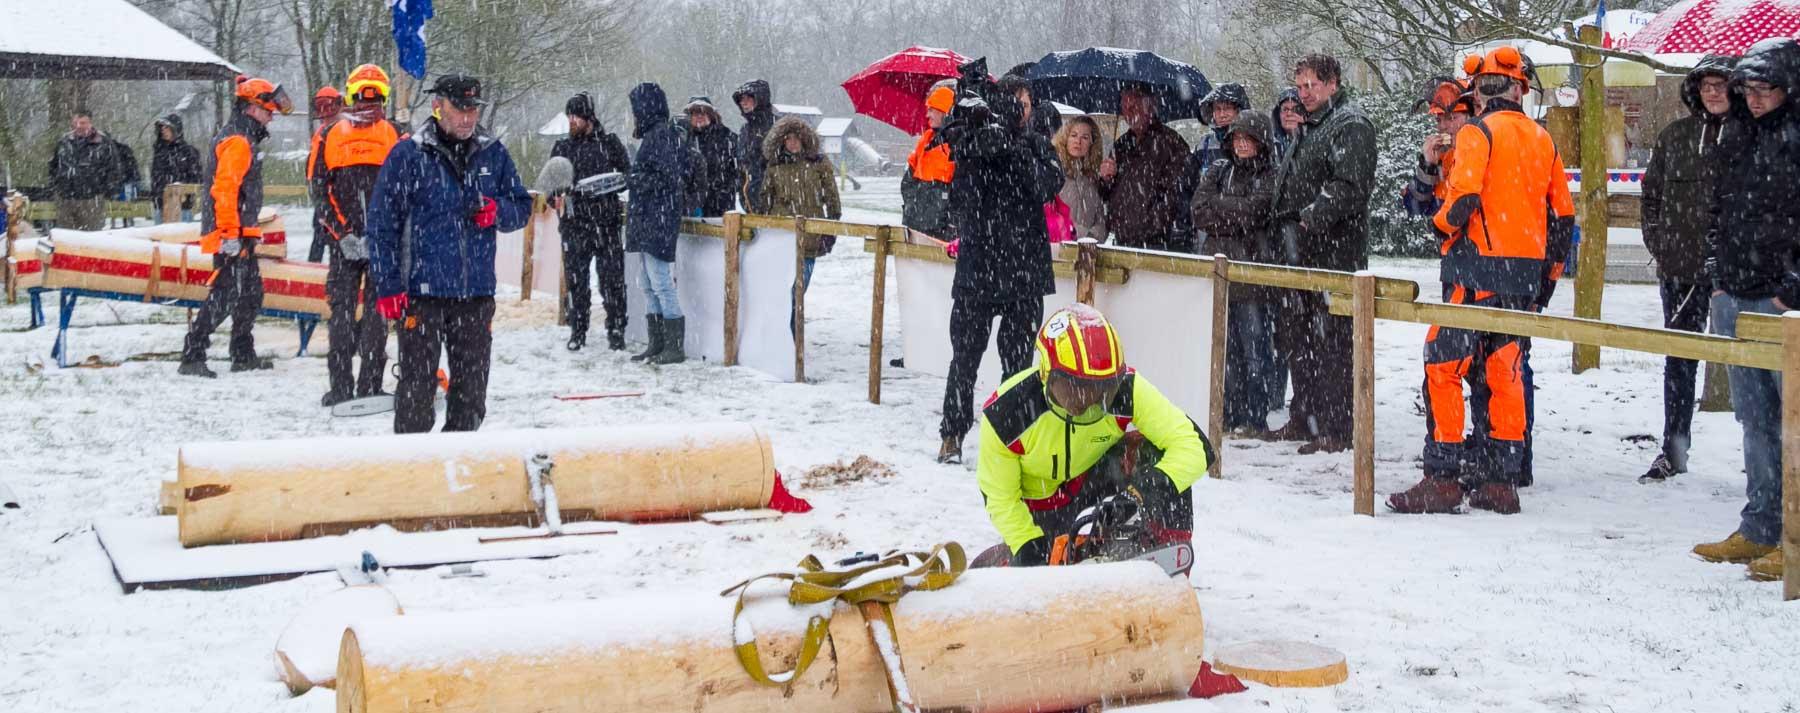 Frischlingsfest und Waldarbeitsmeisterschaften fanden im Schnee statt